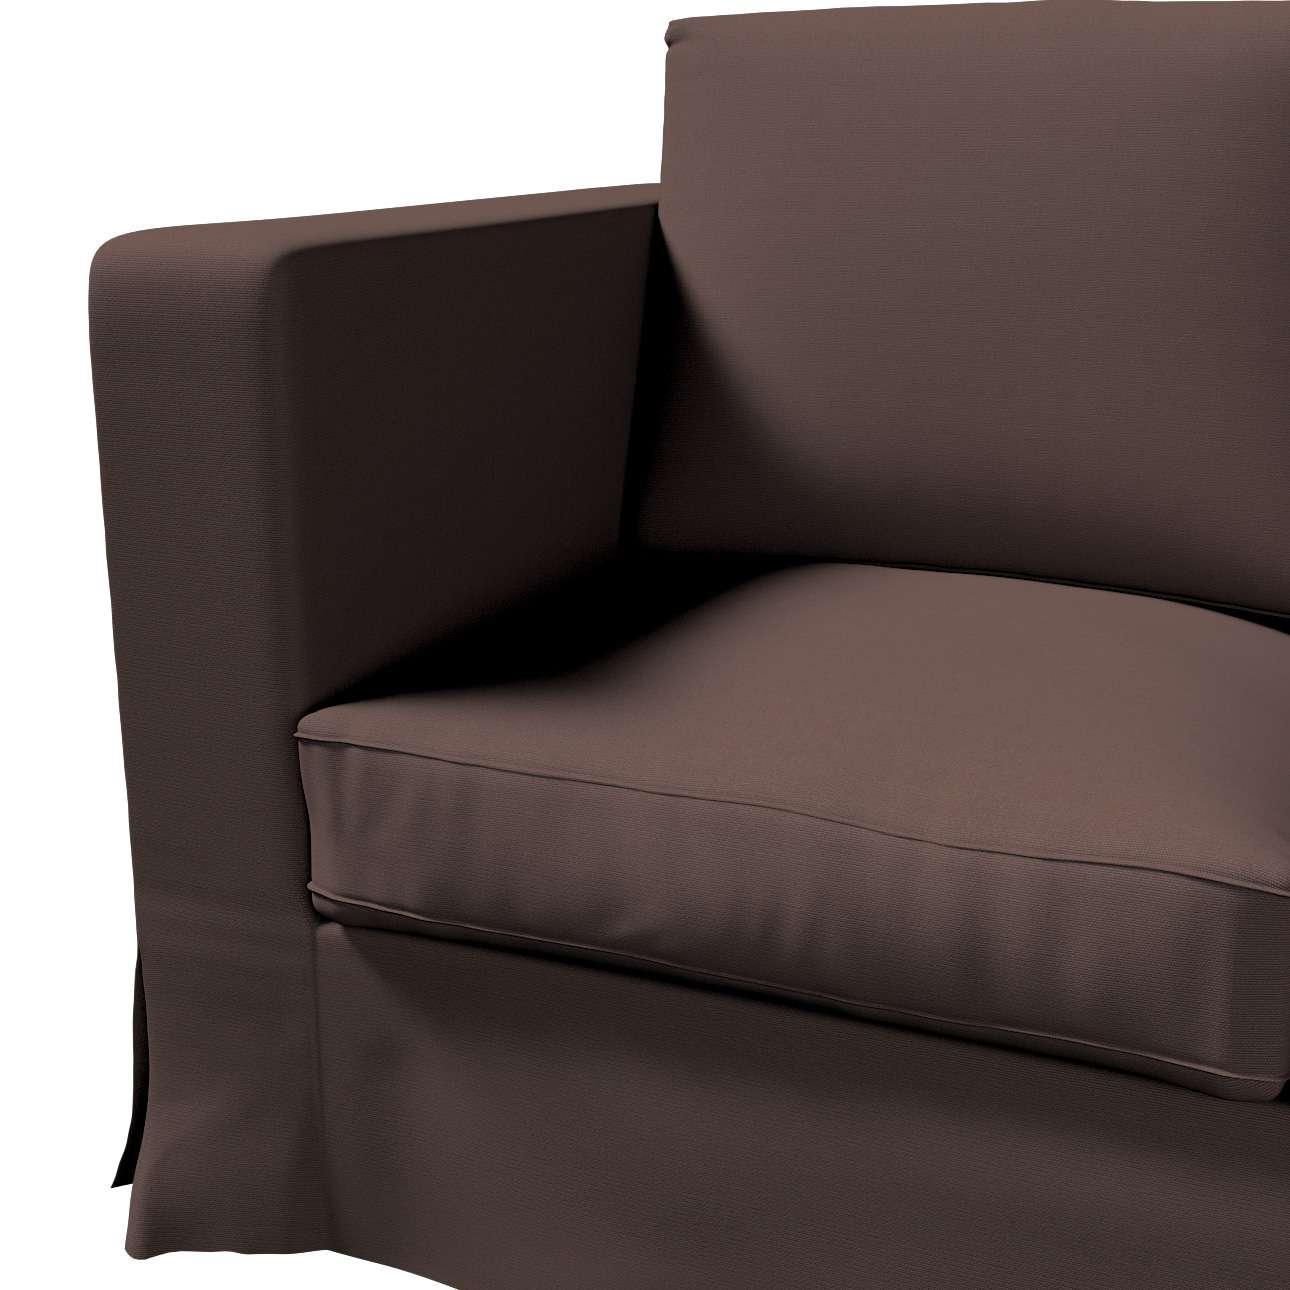 Potah na pohovku IKEA  Karlanda 3-místná nerozkládací, dlouhý v kolekci Cotton Panama, látka: 702-03